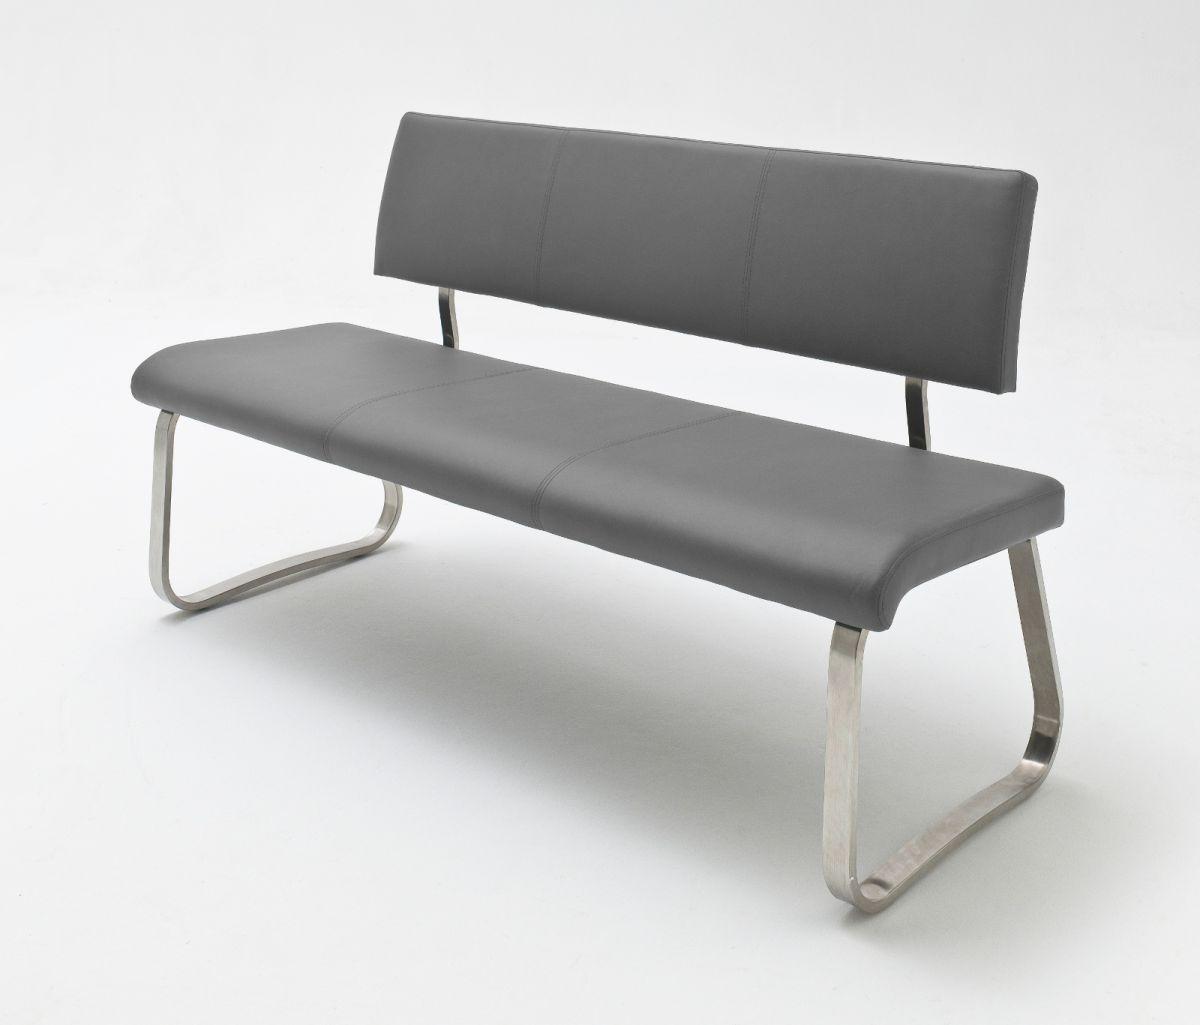 Sitzbank Arco Grau Kunstleder 155 cm